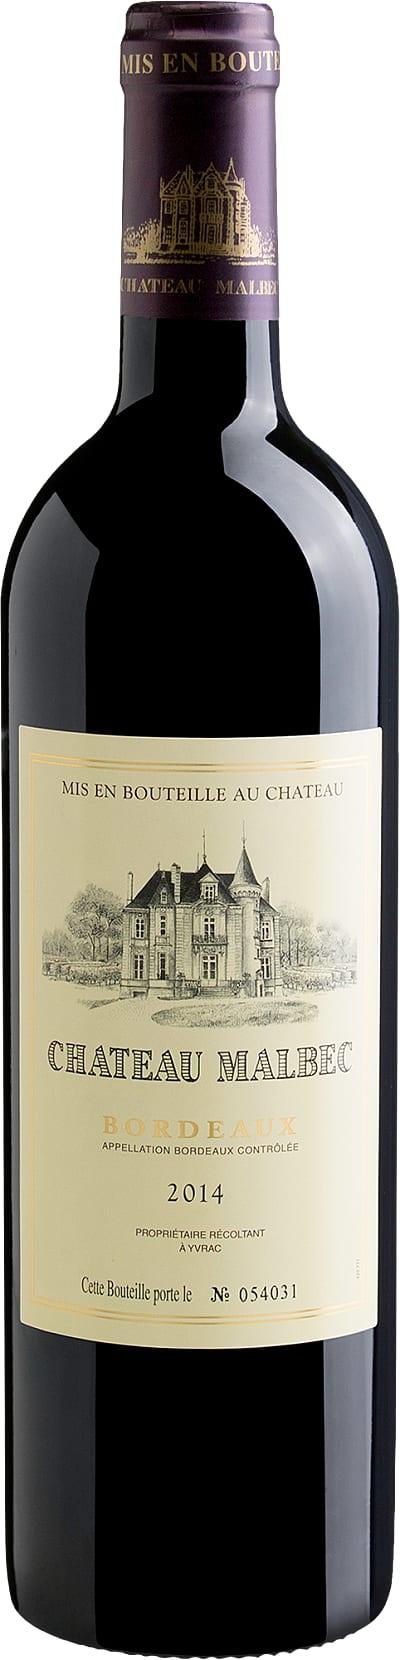 Bordeaux Château Malbec AOC 2014